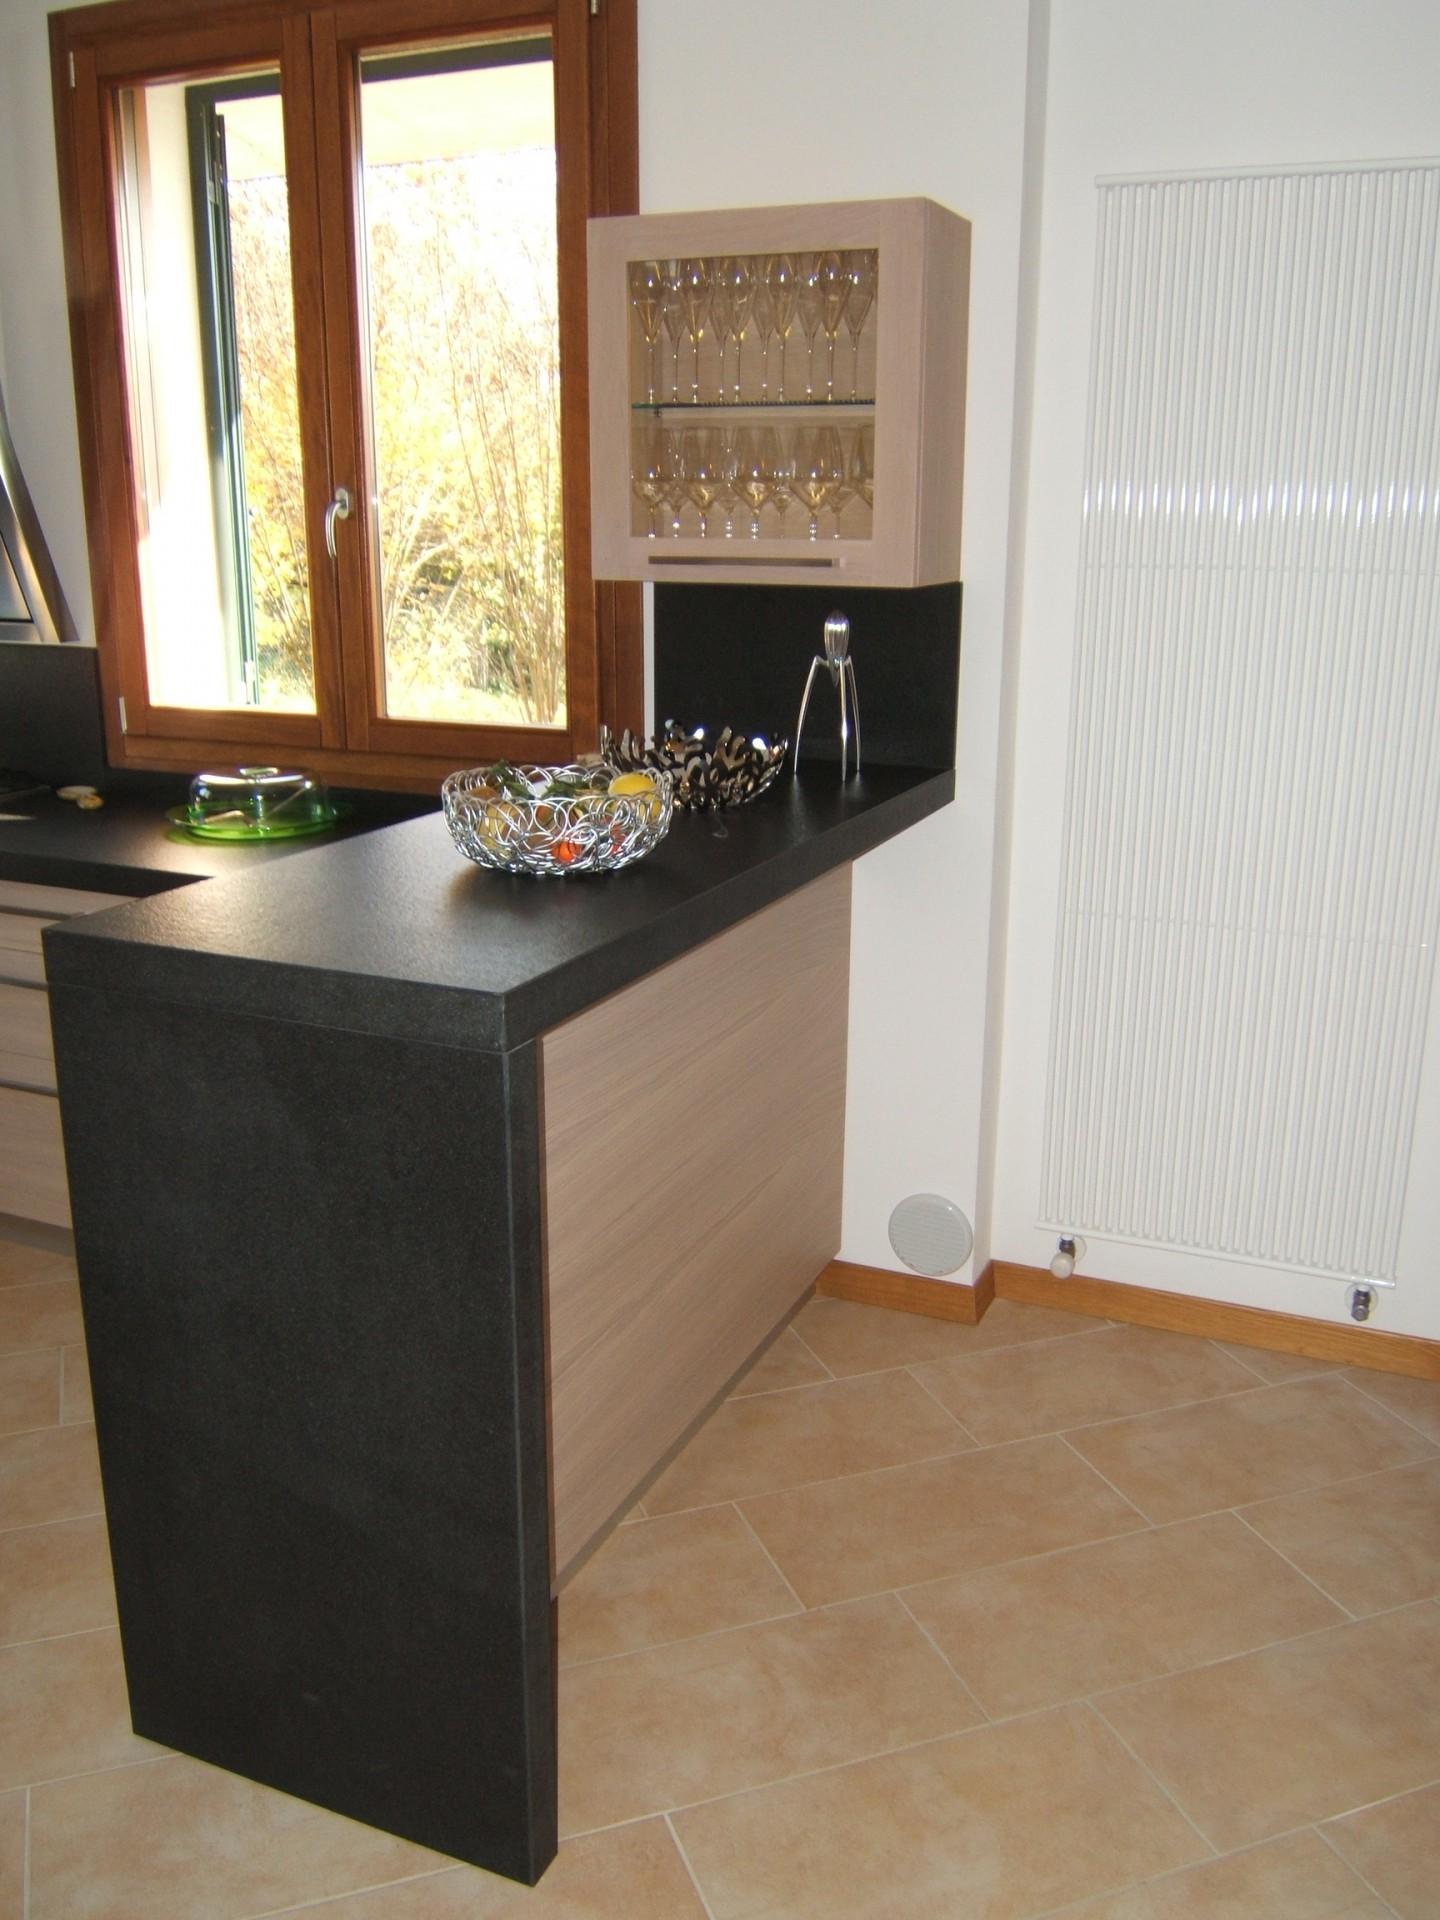 Cucina costruita in legno di rovere su misura | Fadini ...